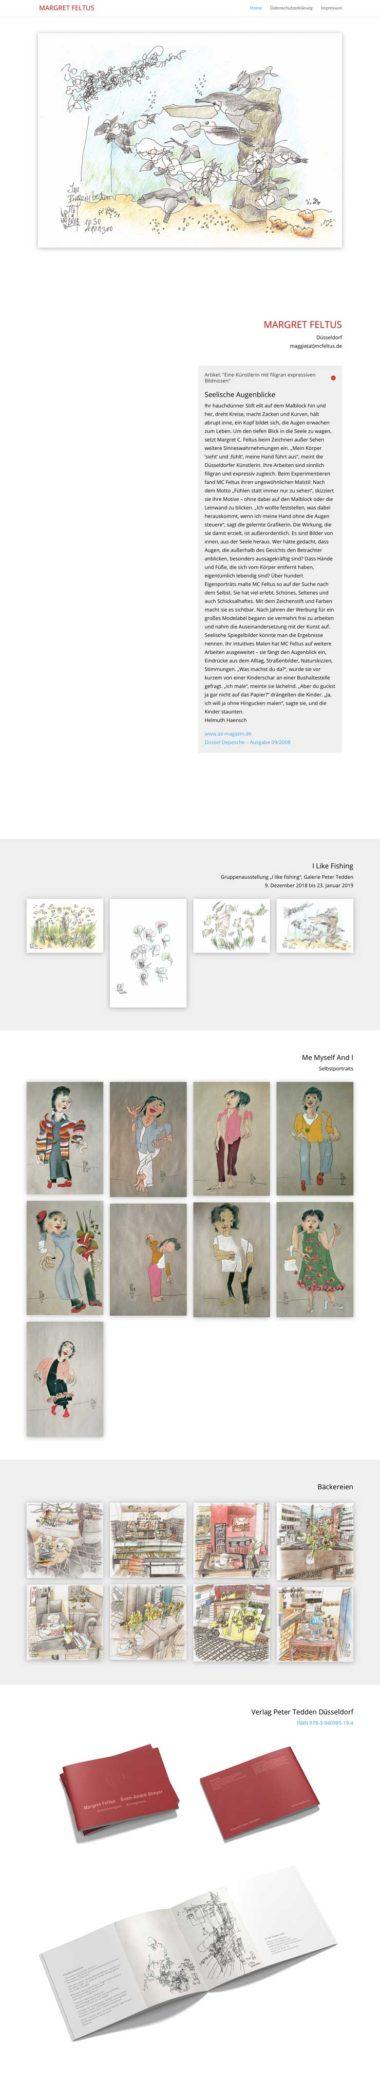 Webdesign Beispiel: Margret Feltus - Eine Künstlerin mit filigran expressiven Bildnissen